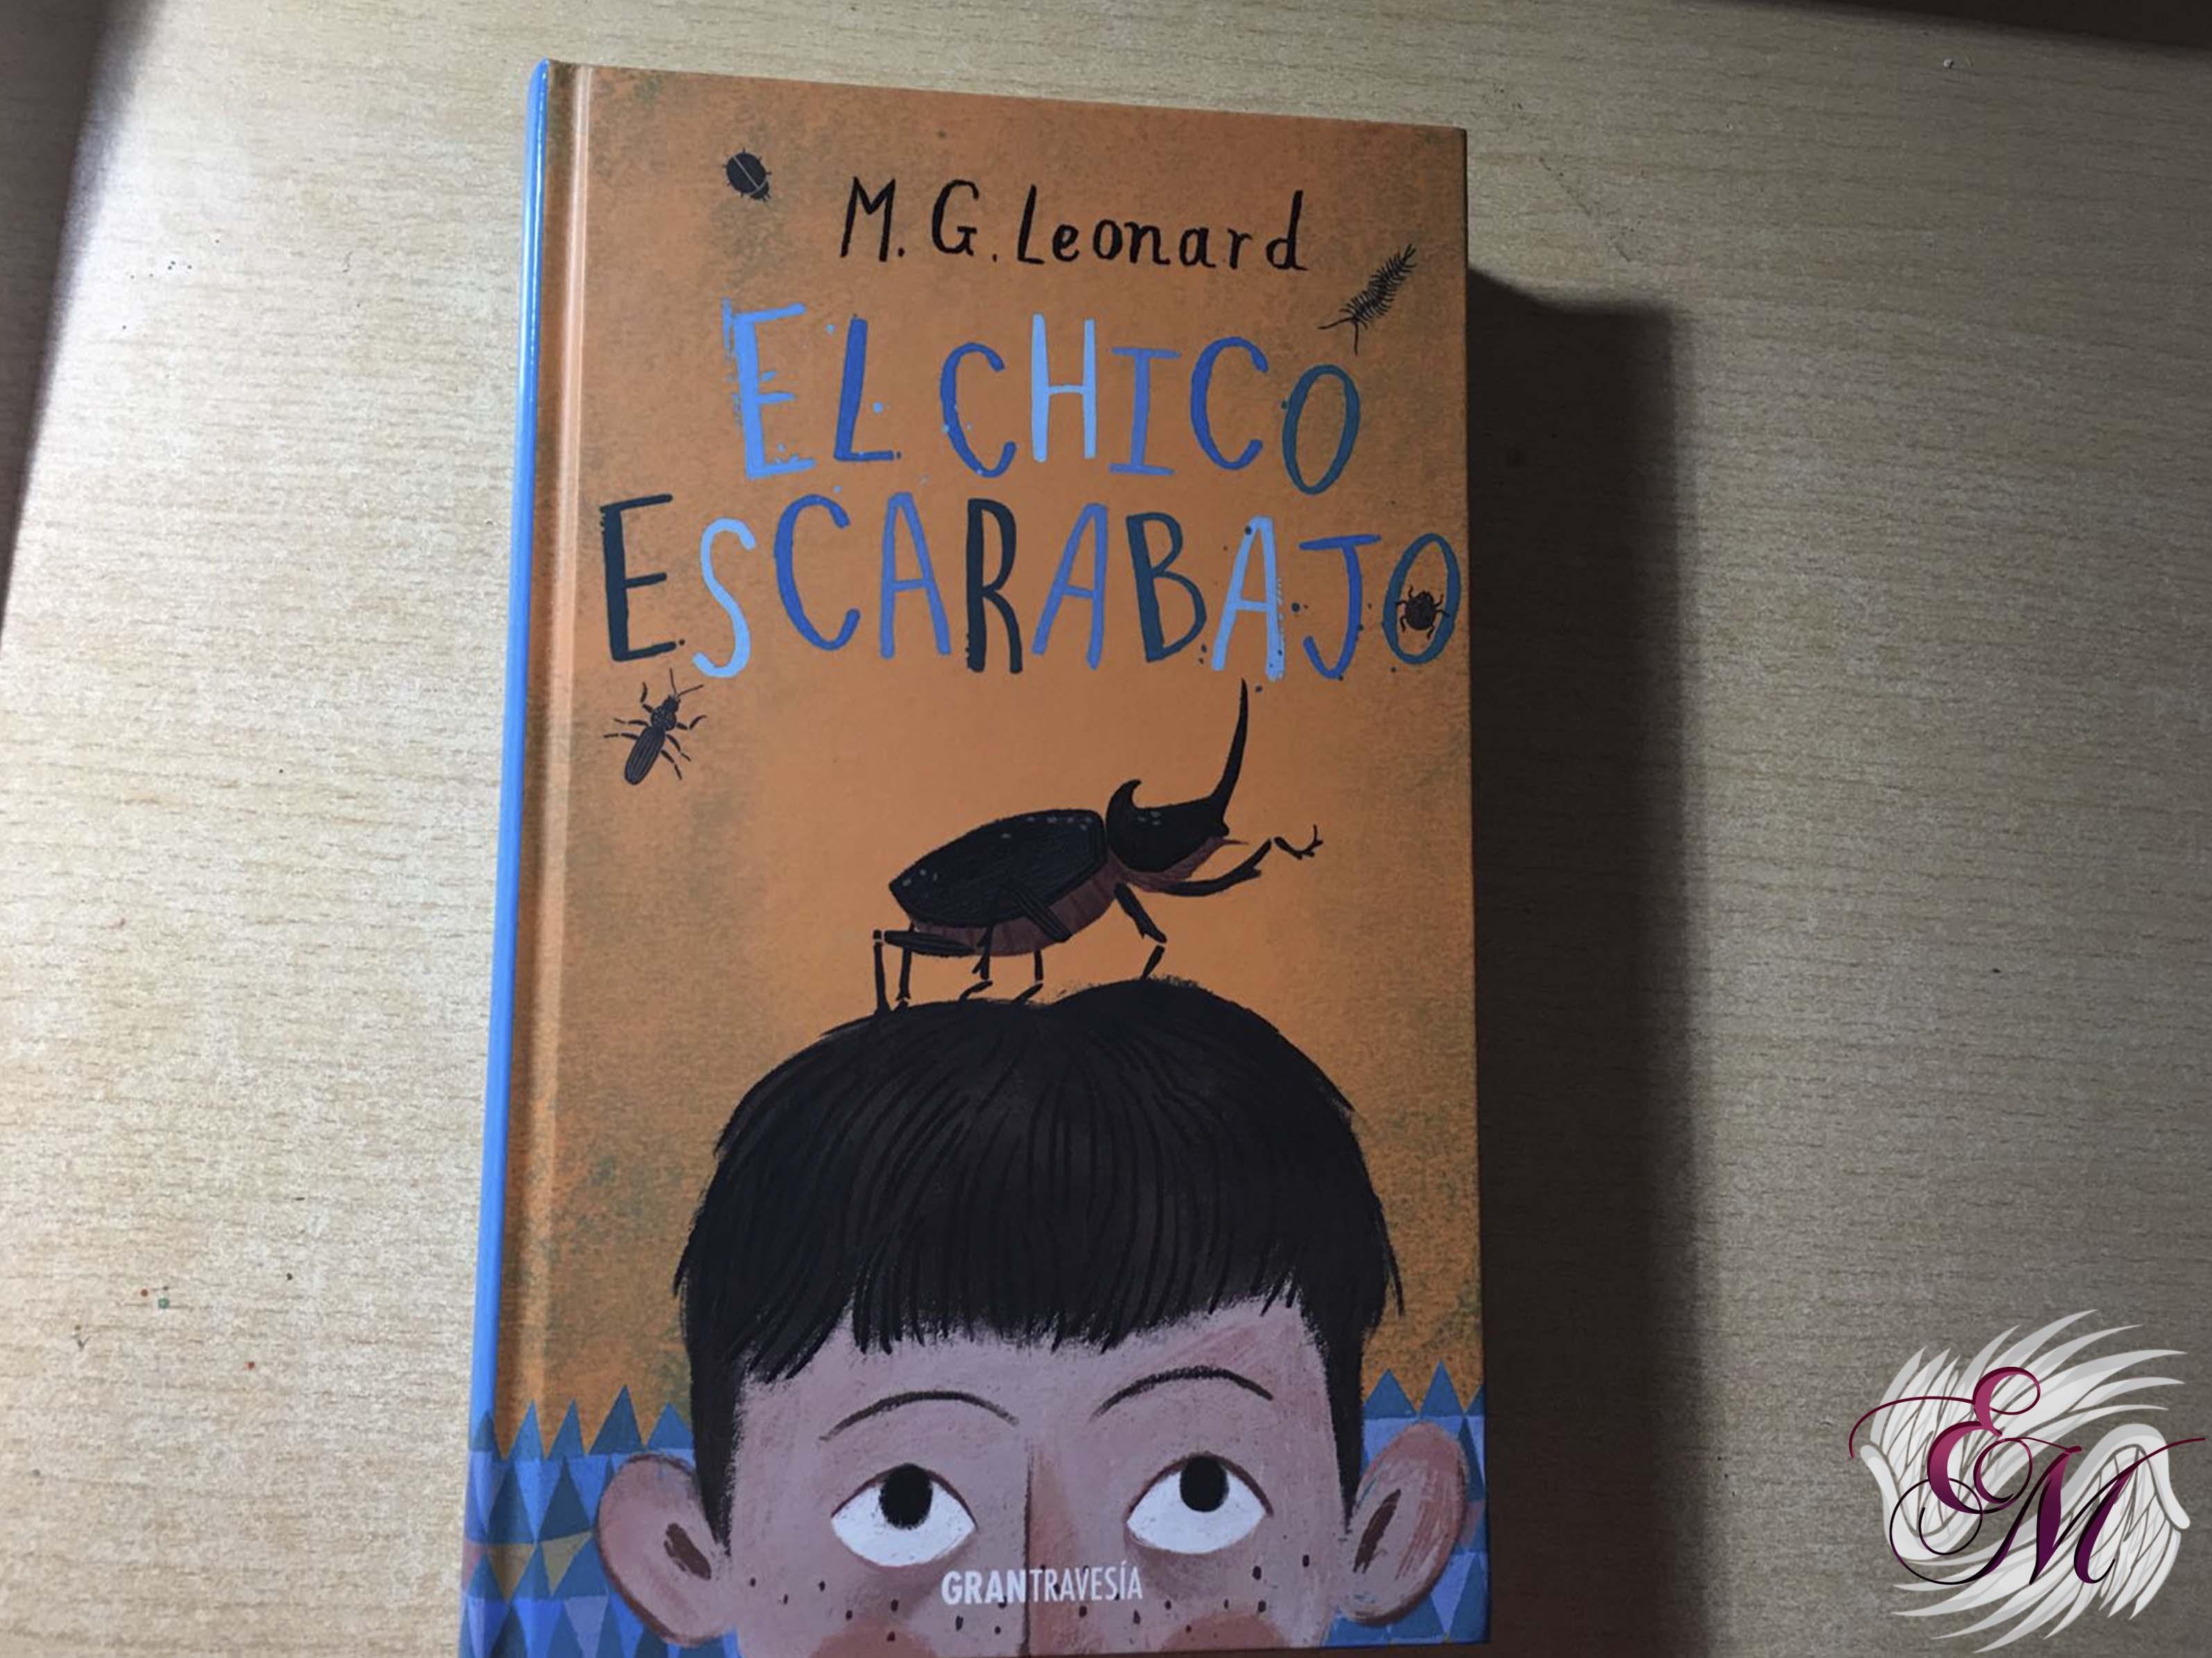 El chico escarabajo, de M.G. Leonard - Resña